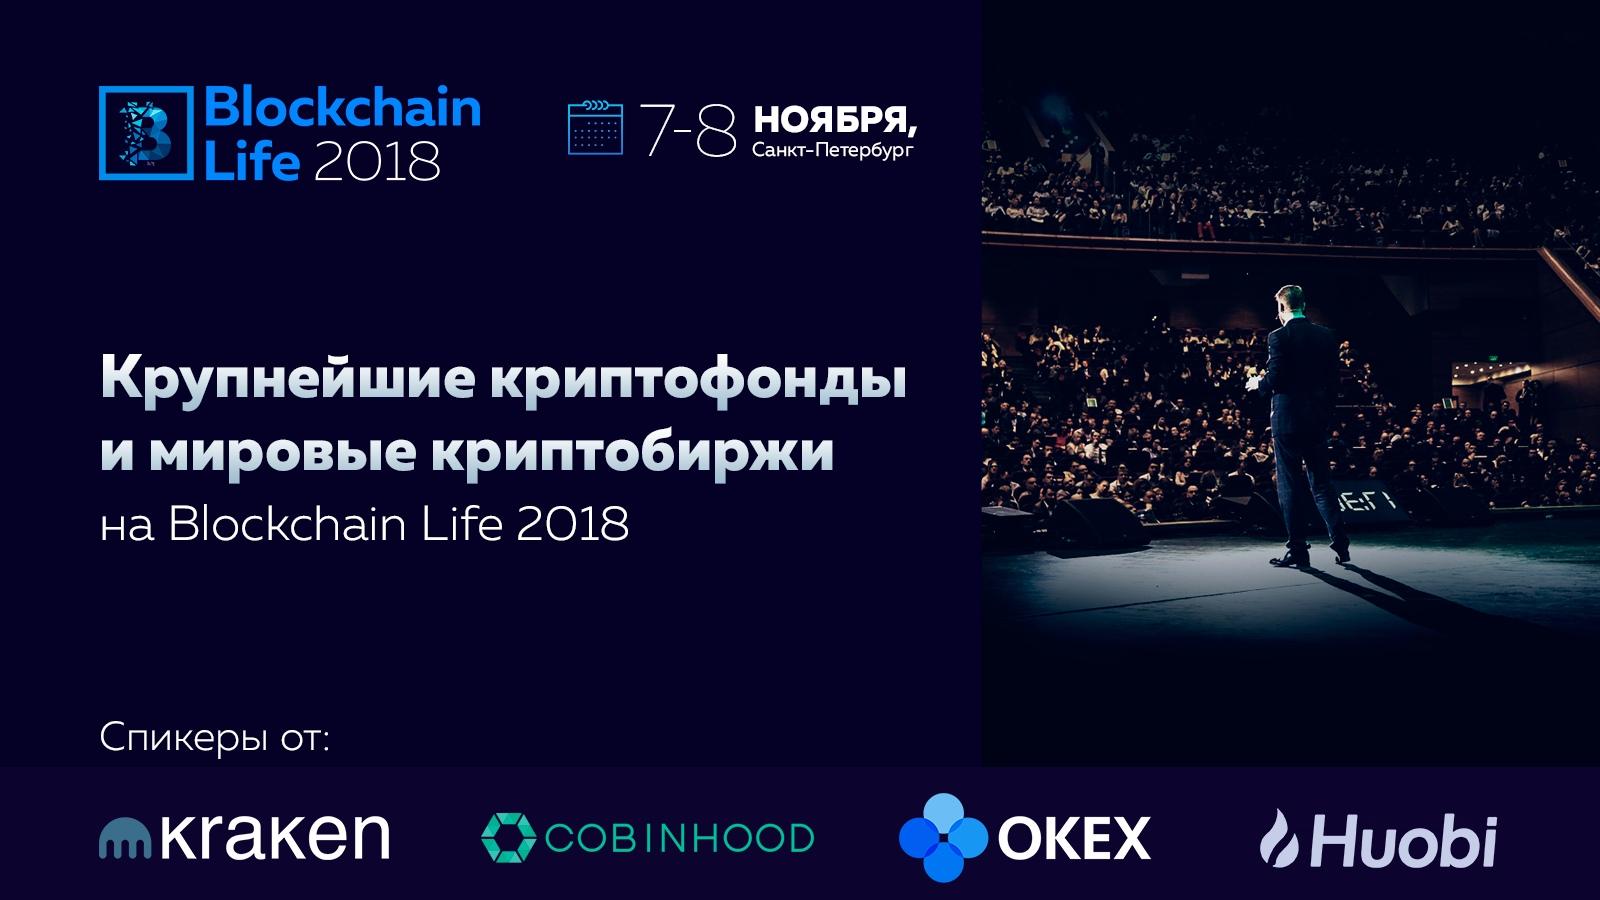 Kraken, Okex, Huobi и крупнейшие азиатские криптофонды едут на Blockchain Life 2018